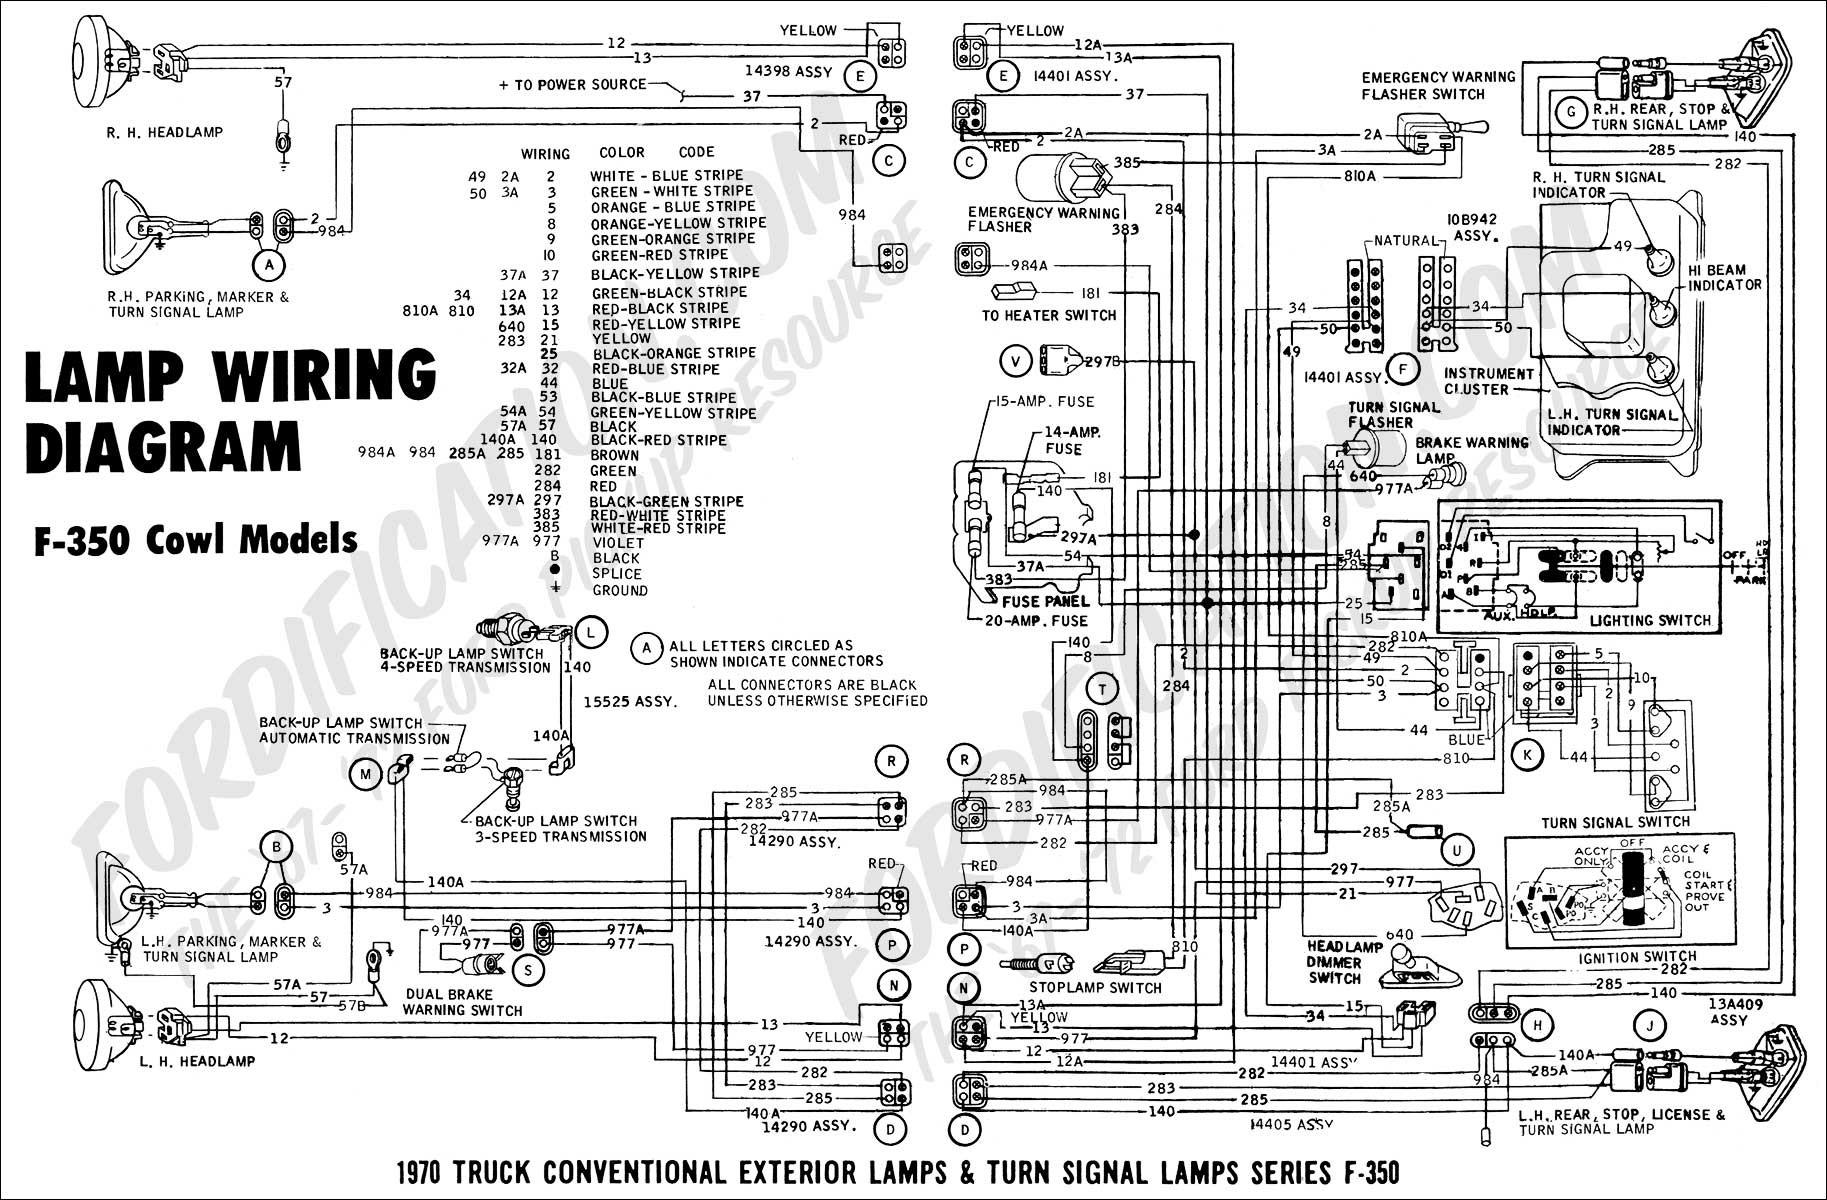 1997 Ford F350 Wiring Diagram 1